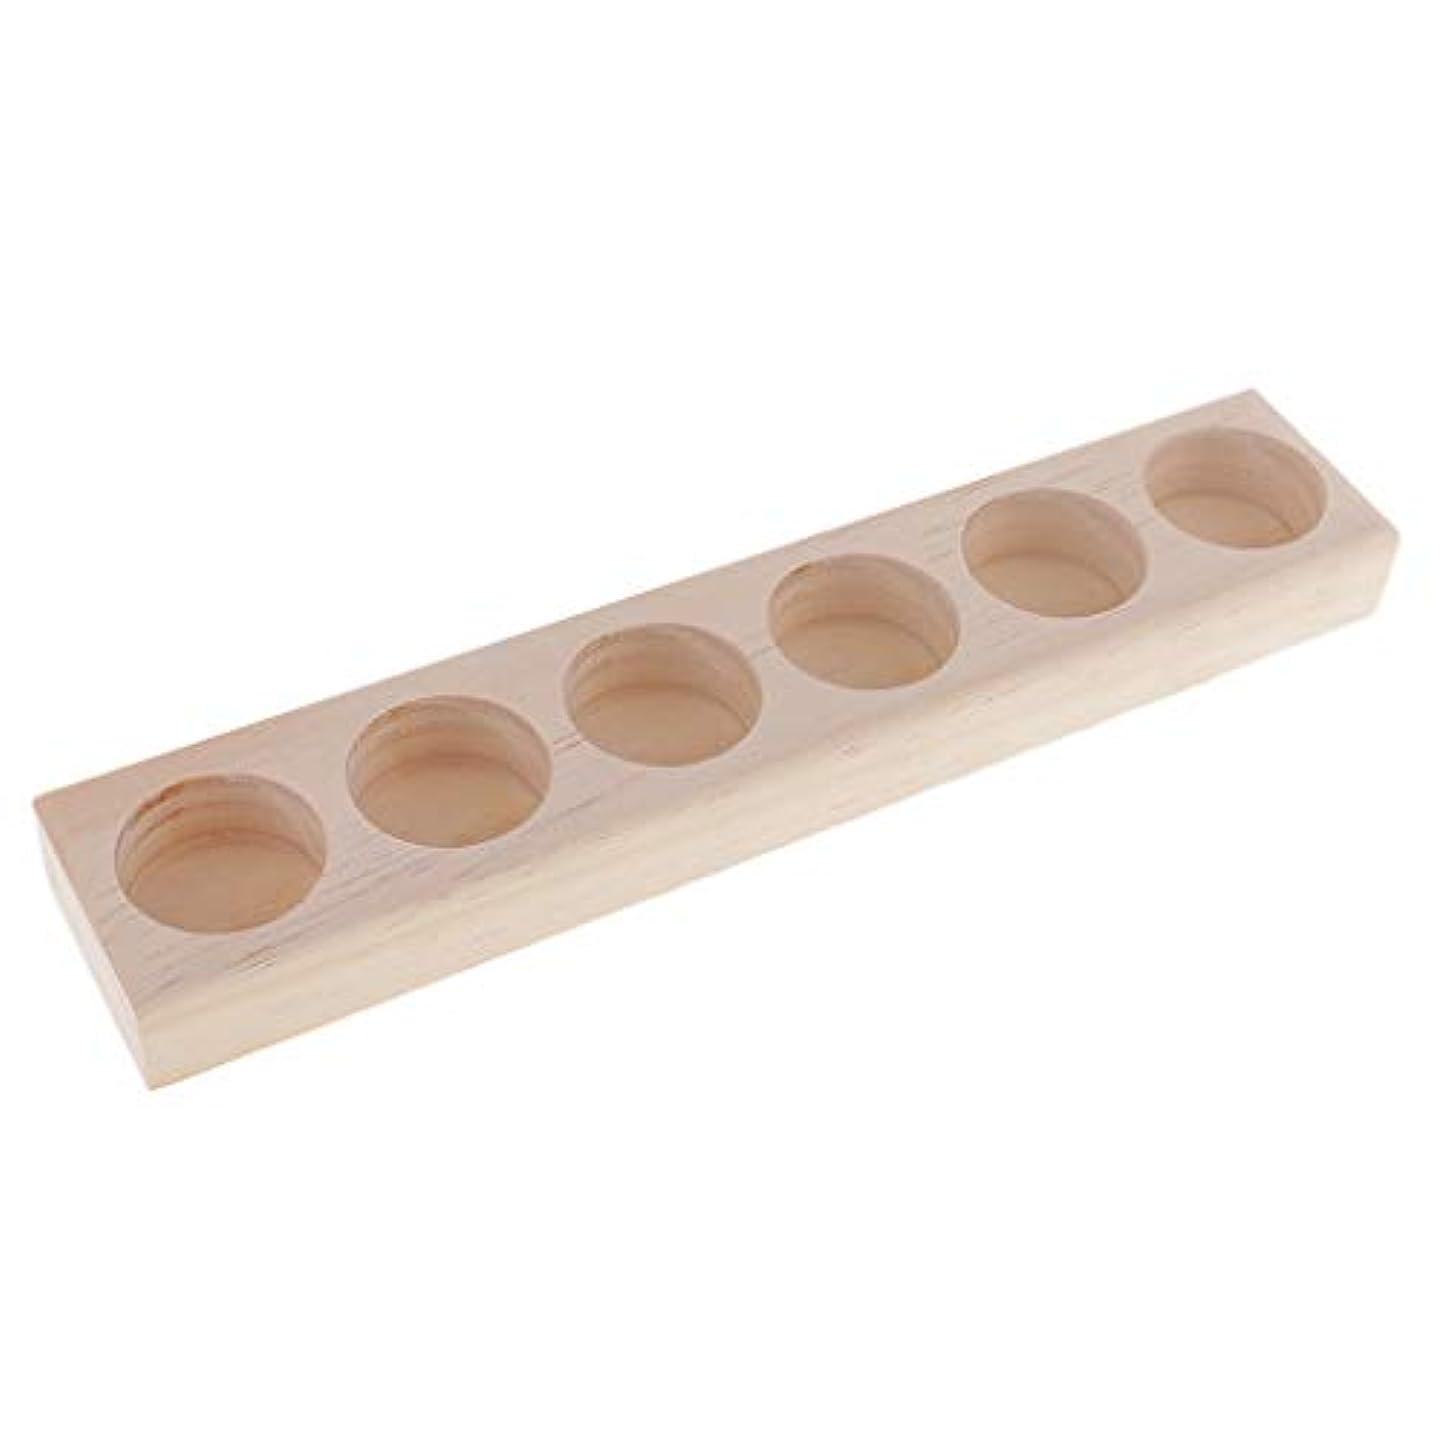 端末受け皿重荷エッセンシャルオイル 収納ラック 木製 精油 オーガナイザー ジュエリー 化粧品 収納用品